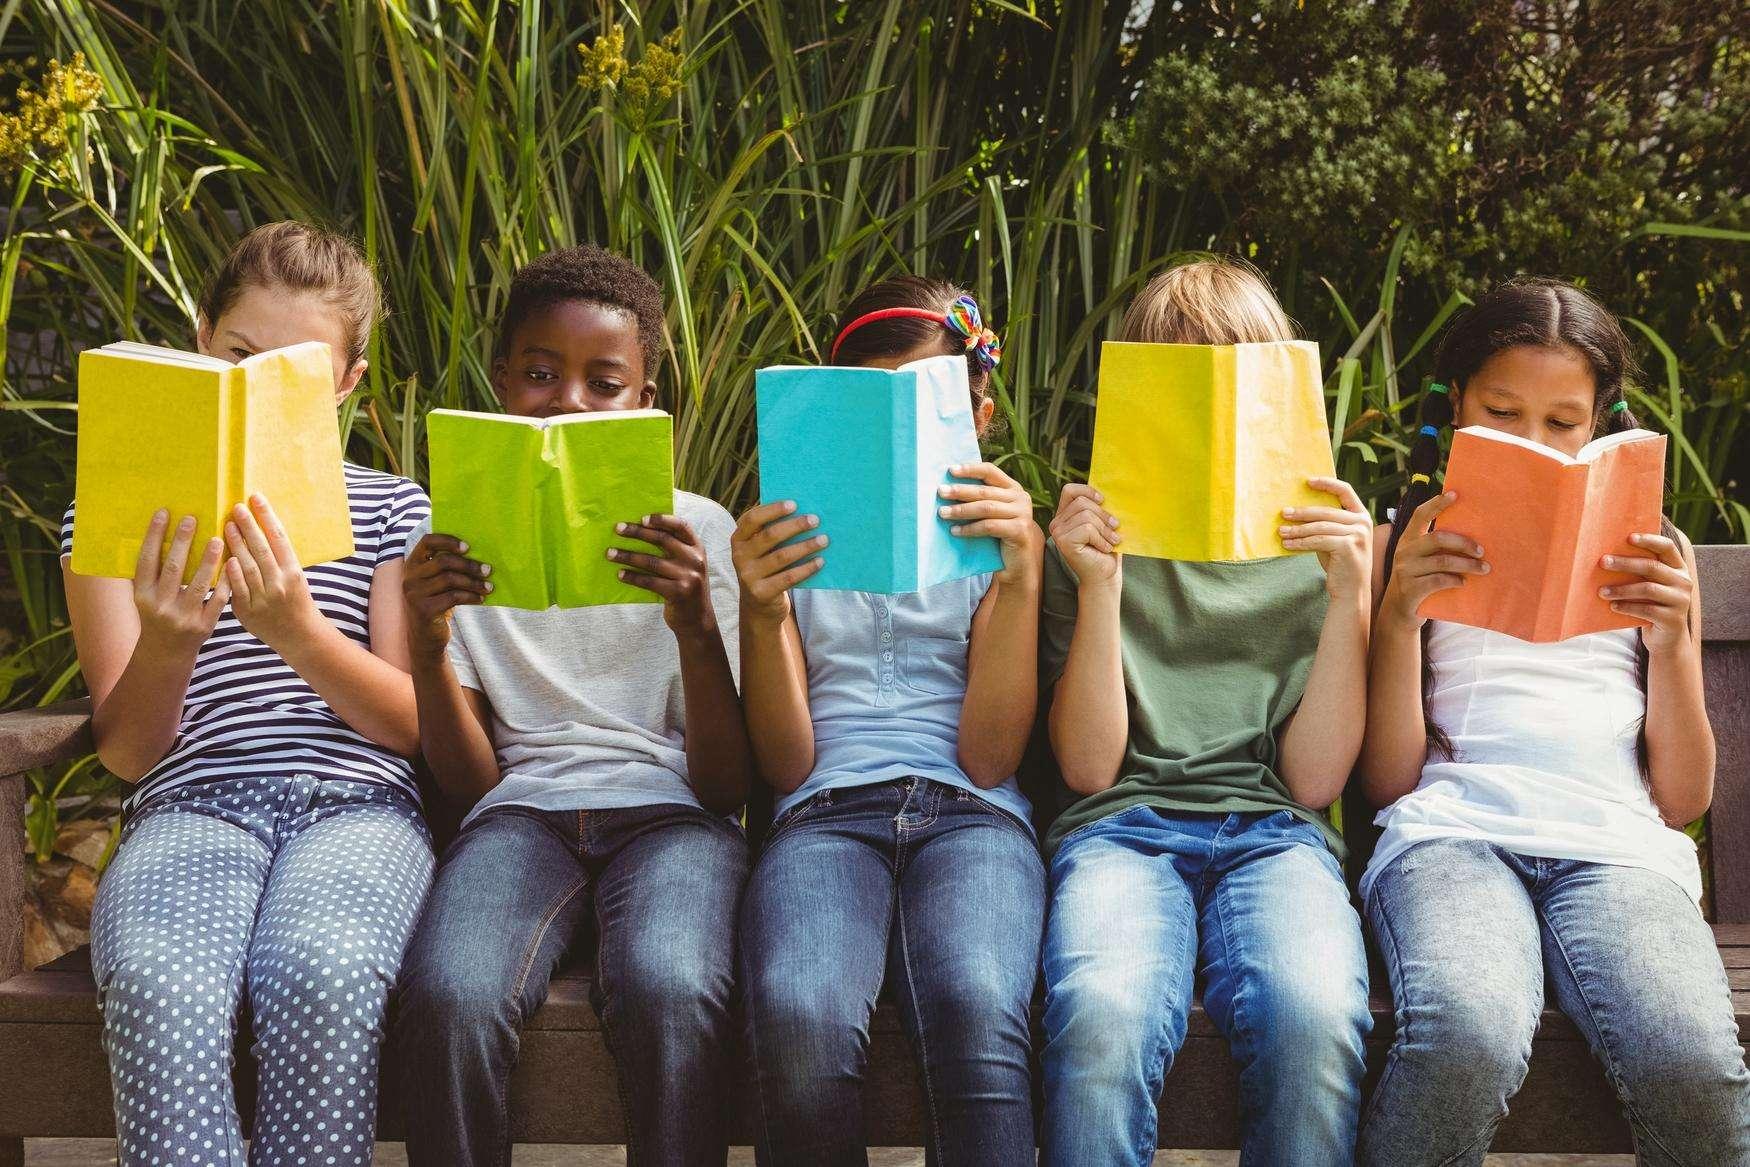 8 से 9 वर्ष के बच्चों में घट तेज़ी से घट रहा है पढऩे का शौक़